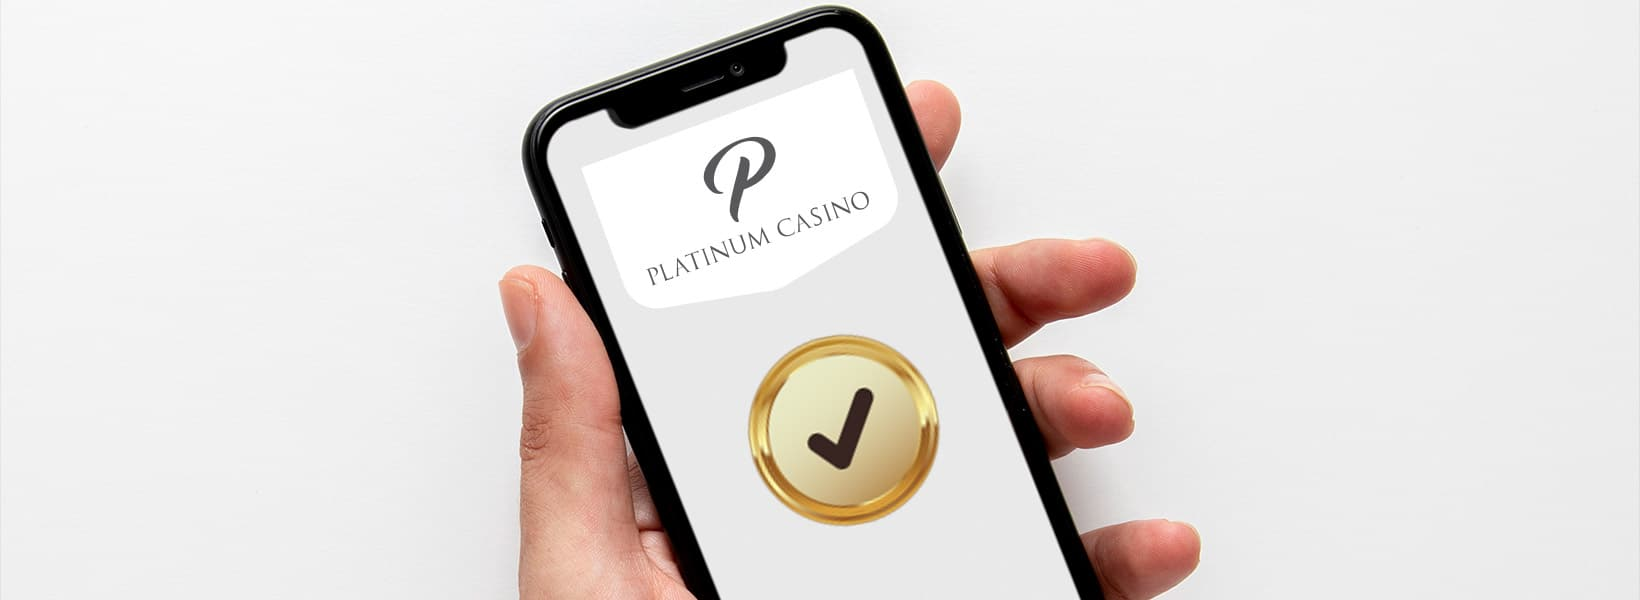 verificare cont platinum casino